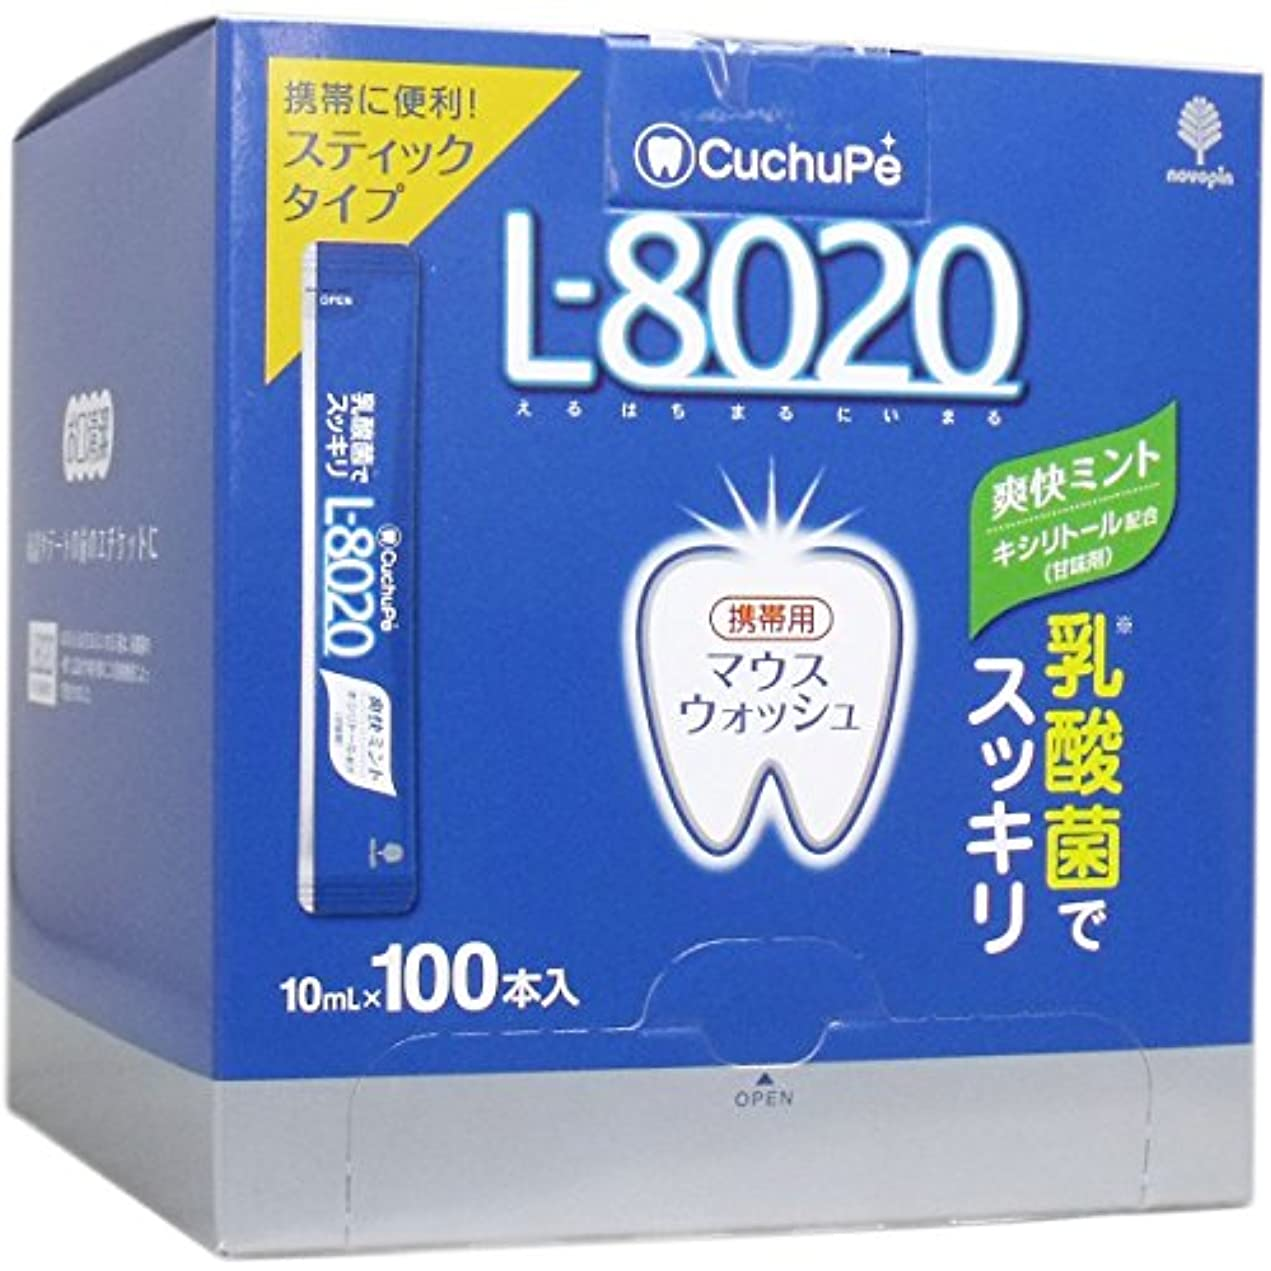 繁雑印をつける議論するクチュッペ L-8020 マウスウォッシュ 爽快ミント スティックタイプ 100本入